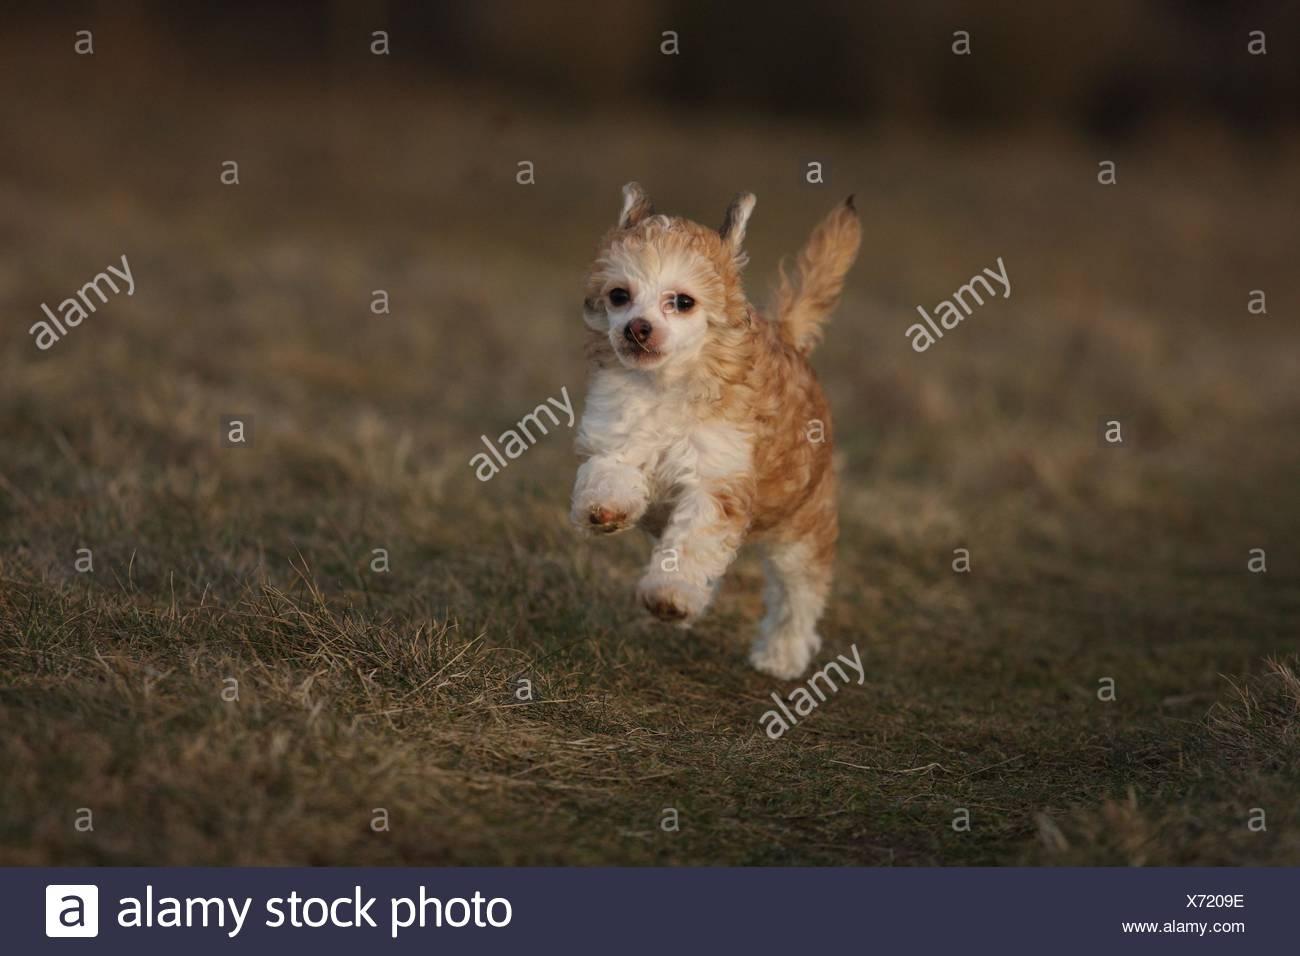 Chinese Crested Dog - Stock Image